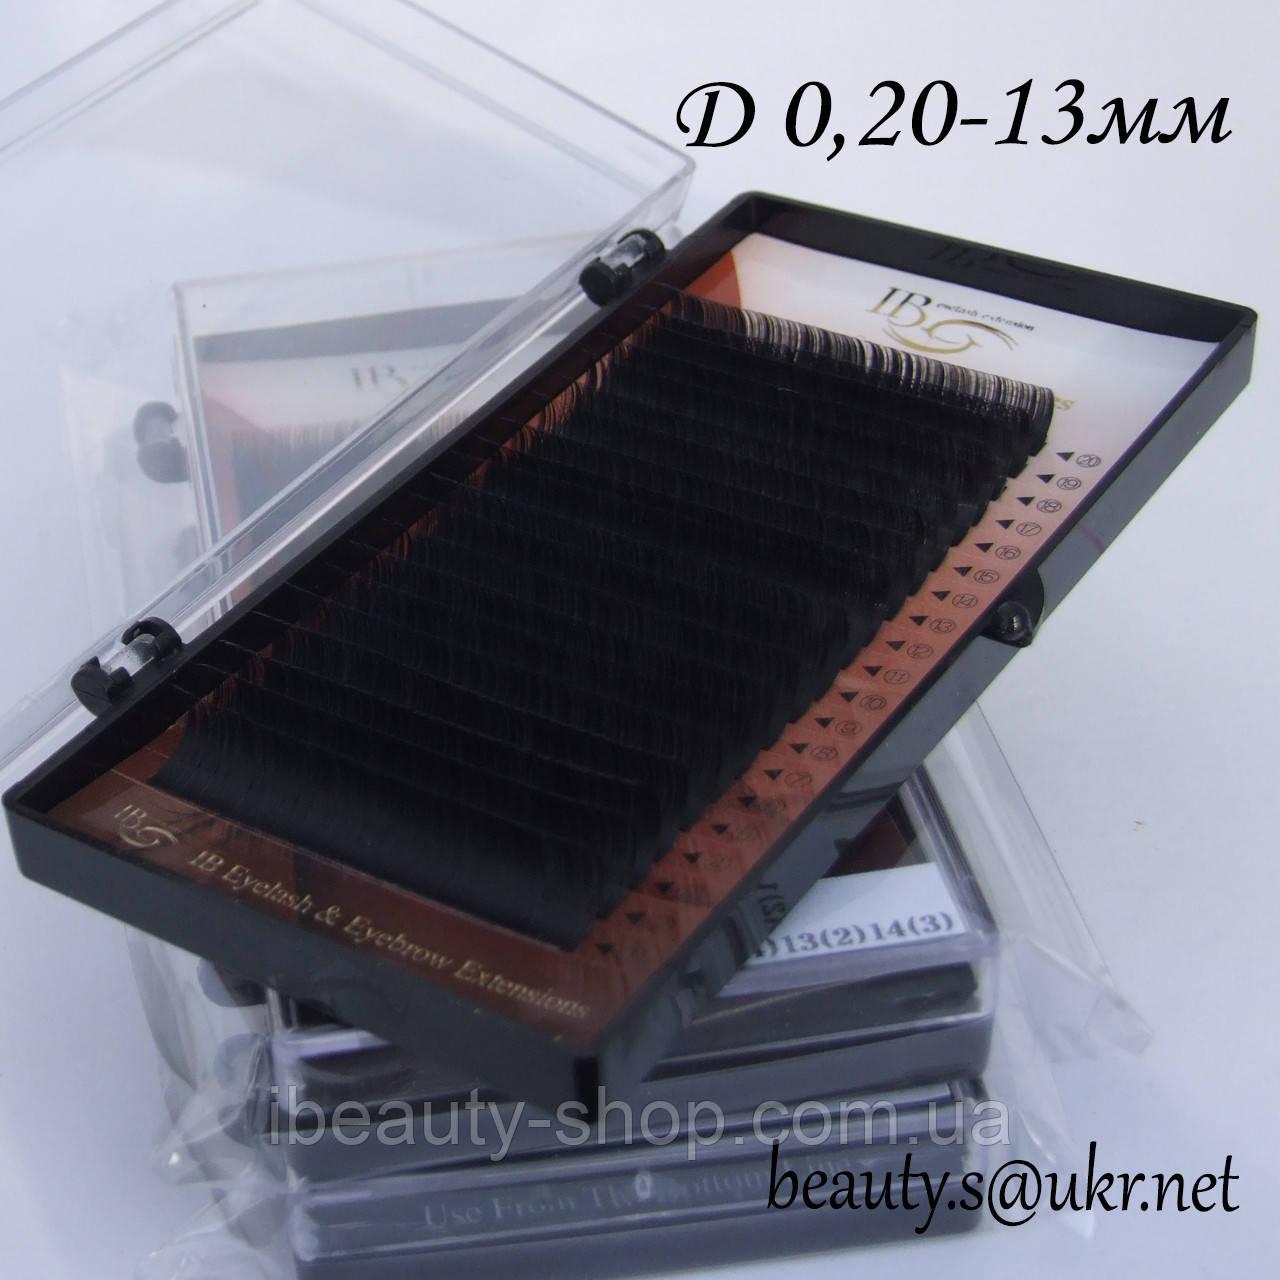 Вії I-Beauty на стрічці D-0,20 13мм